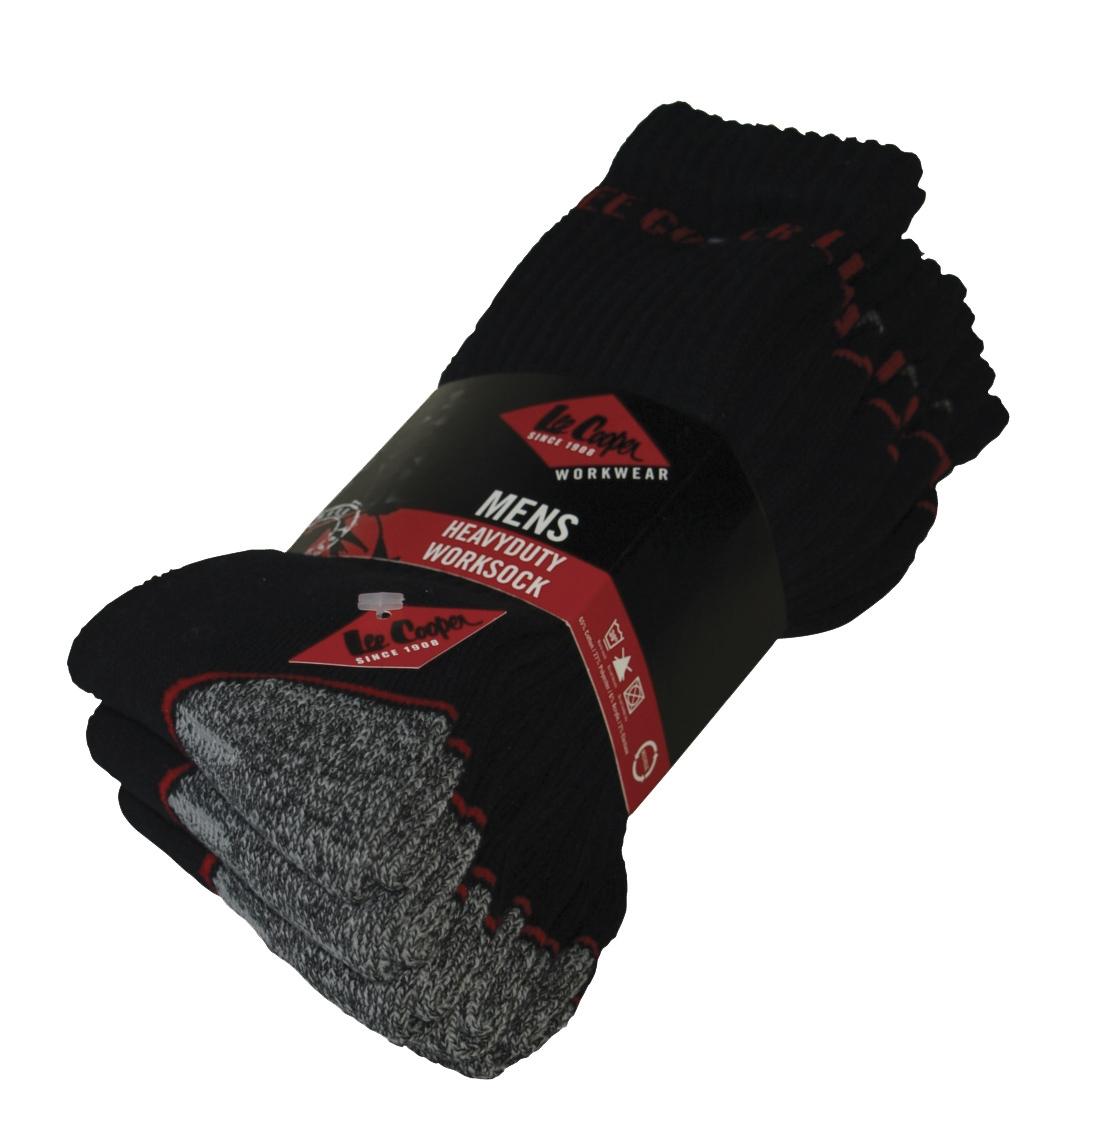 Chaussettes LCSCK603 noir/gris Lee Cooper